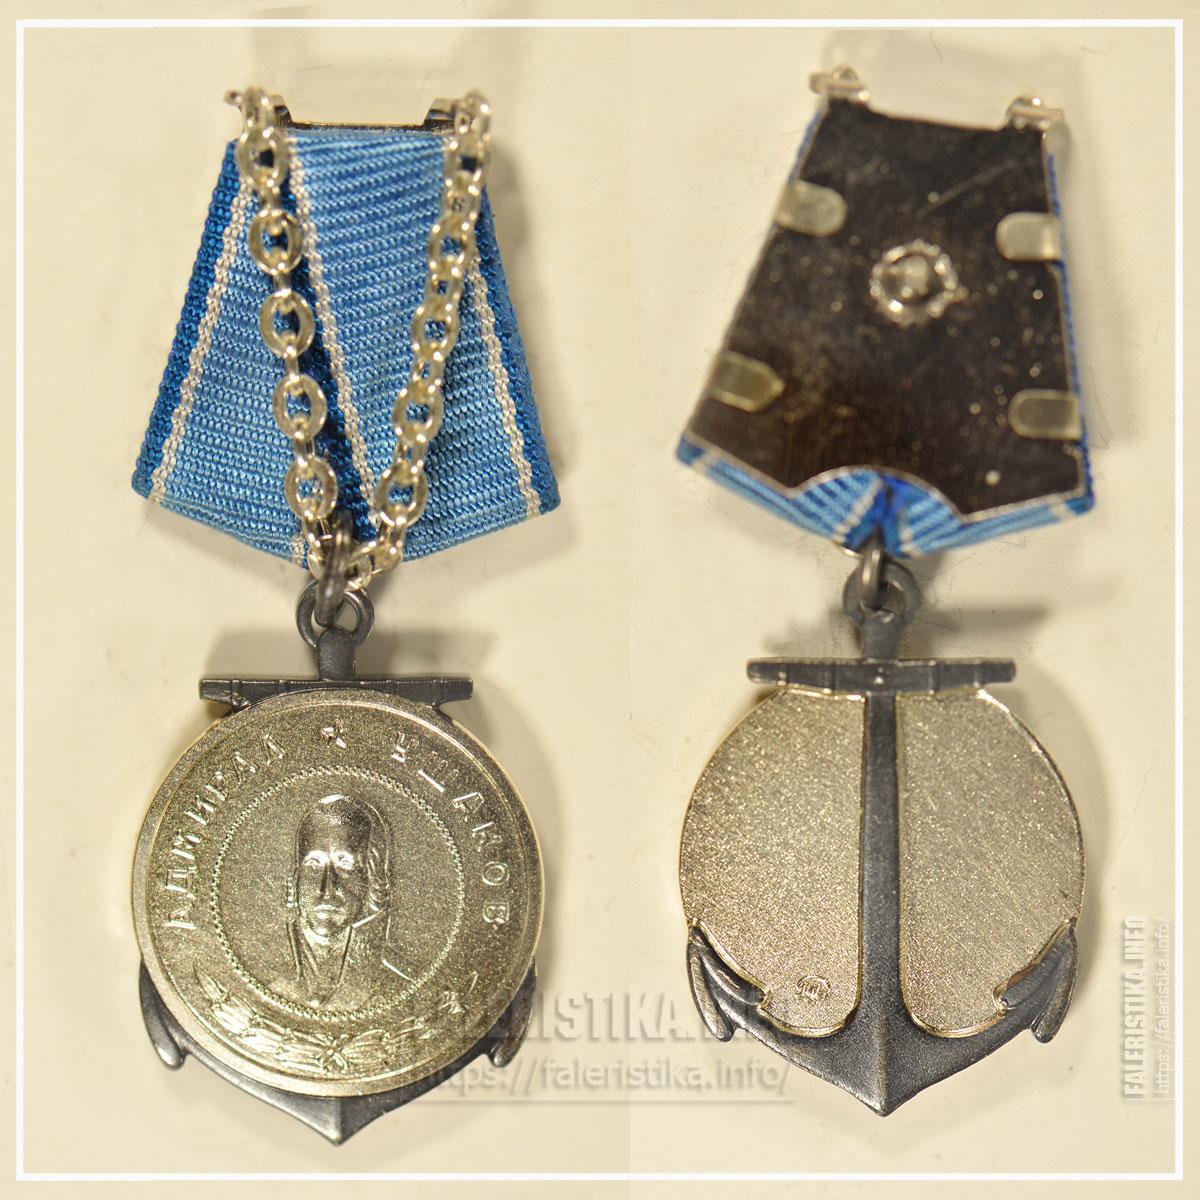 Медаль Ушакова. Миниатюрная копия знака (фрачник). Московский монетный двор